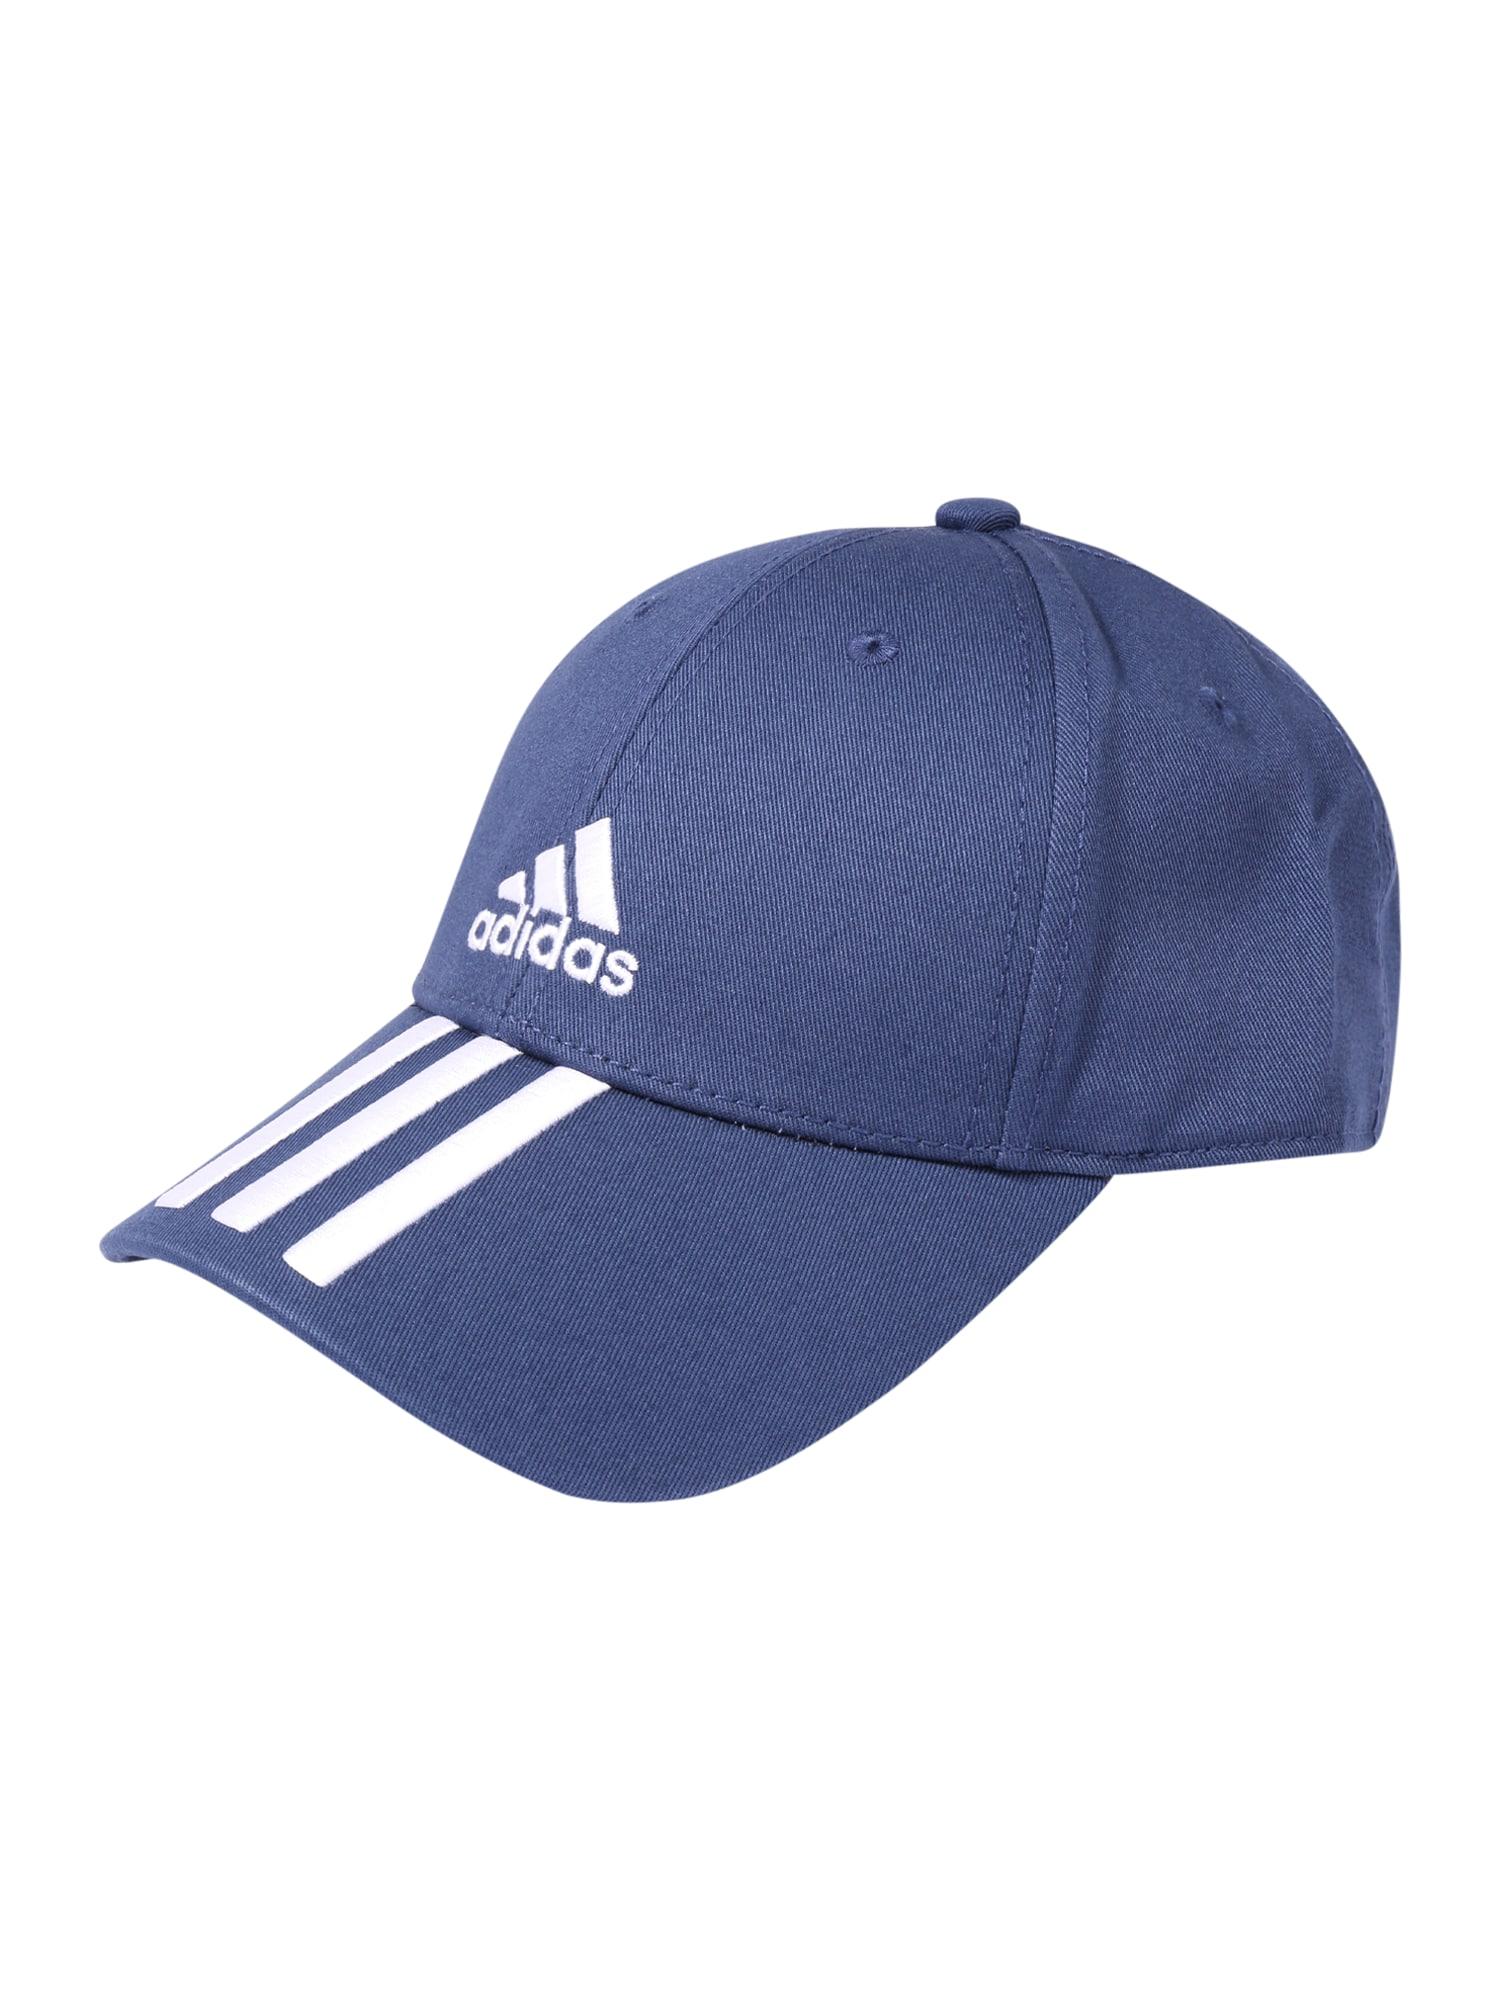 ADIDAS PERFORMANCE Sportinė kepurė mėlyna / balta